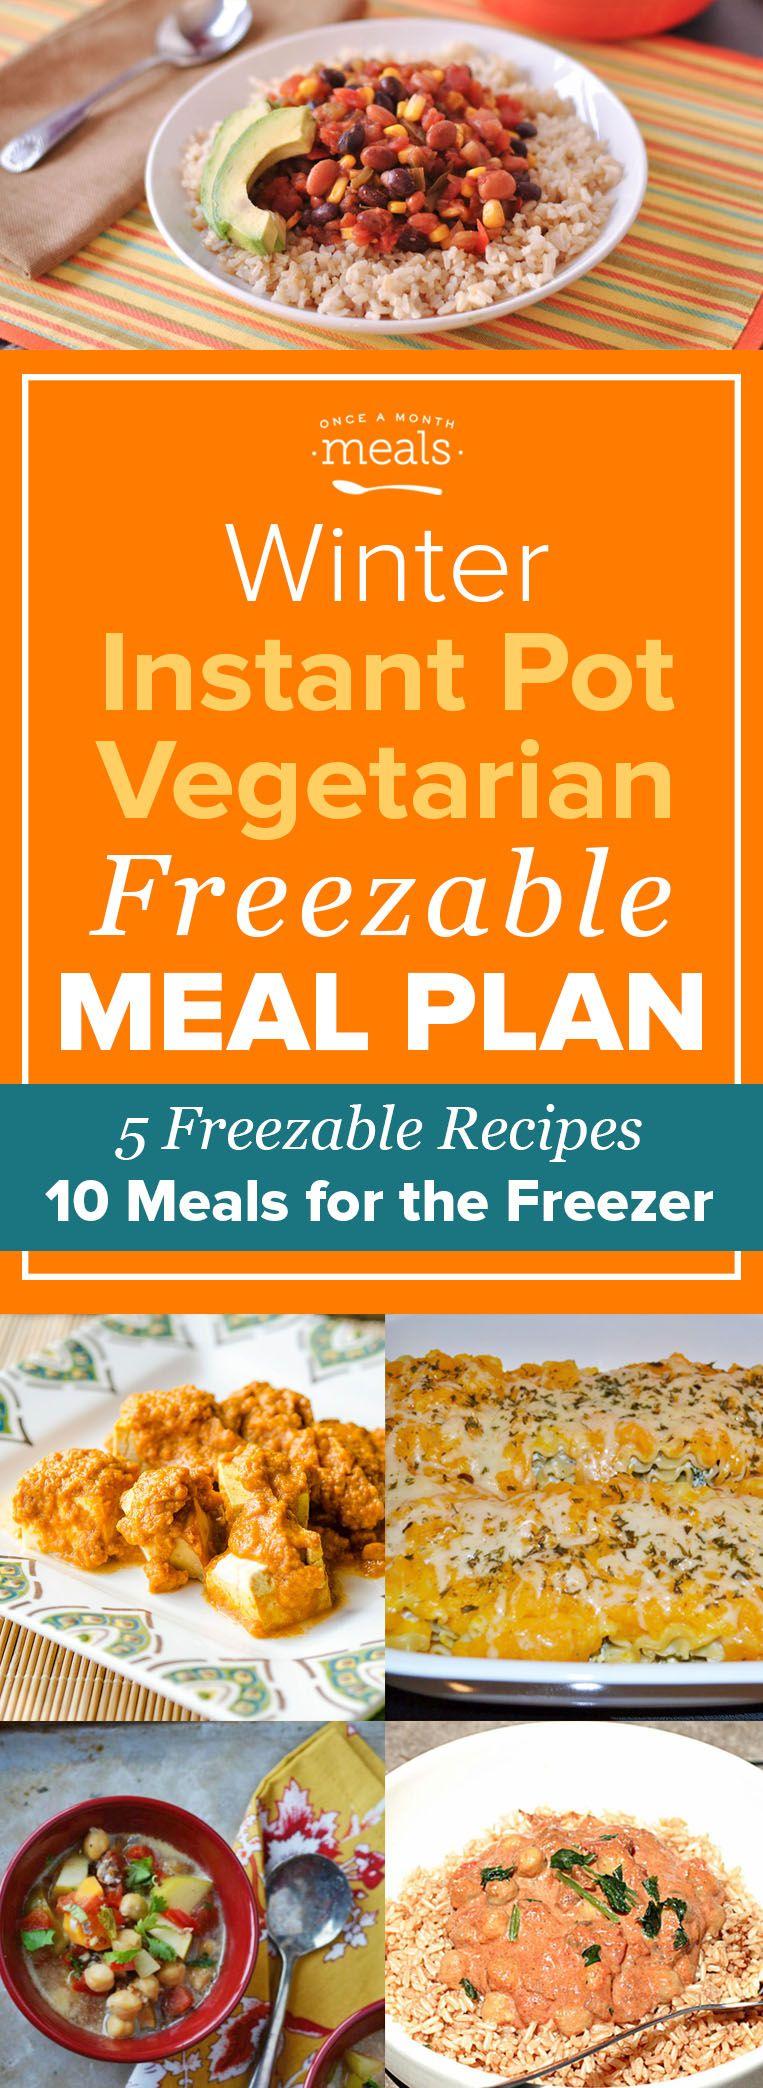 Winter Instant Pot Vegetarian Mini Freezer Meal Plan Vol 1 Vegetarian Instant Pot Vegan Instant Pot Recipes Instant Recipes